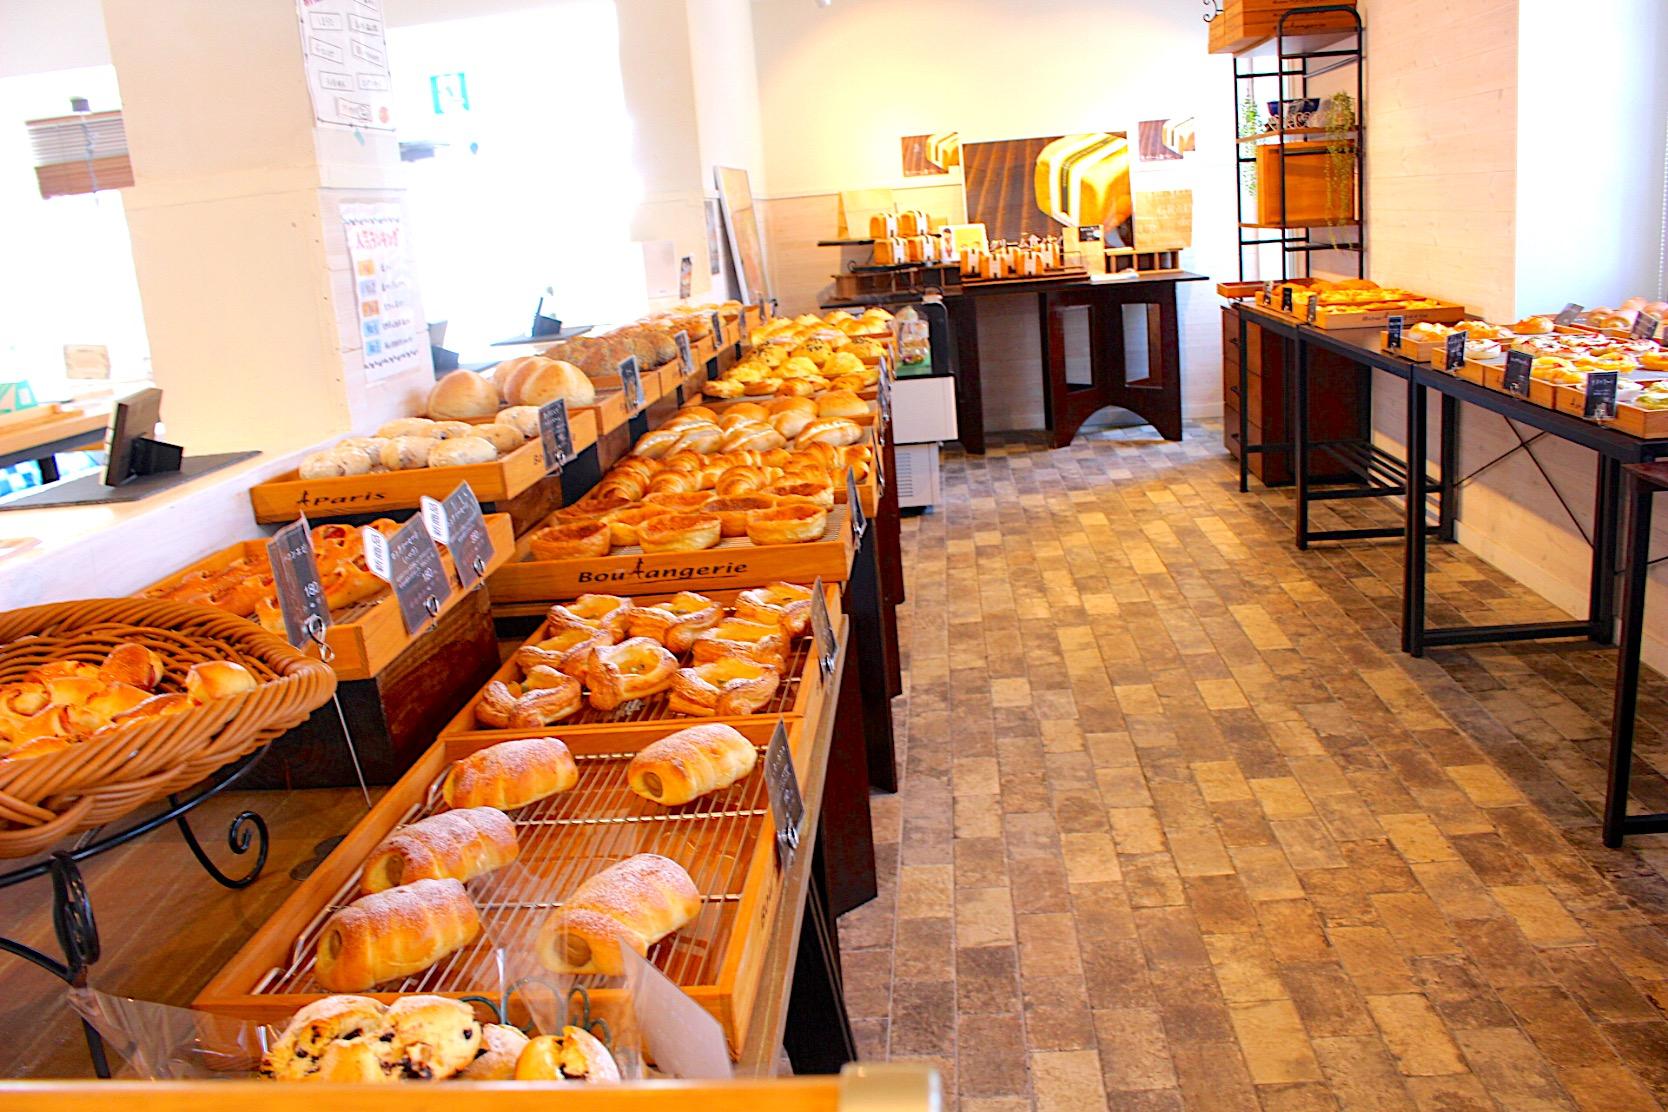 ダマ リンク スキ スキダマリンク(熊本)の塩パンは種類豊富で大人気!外にテラスが?